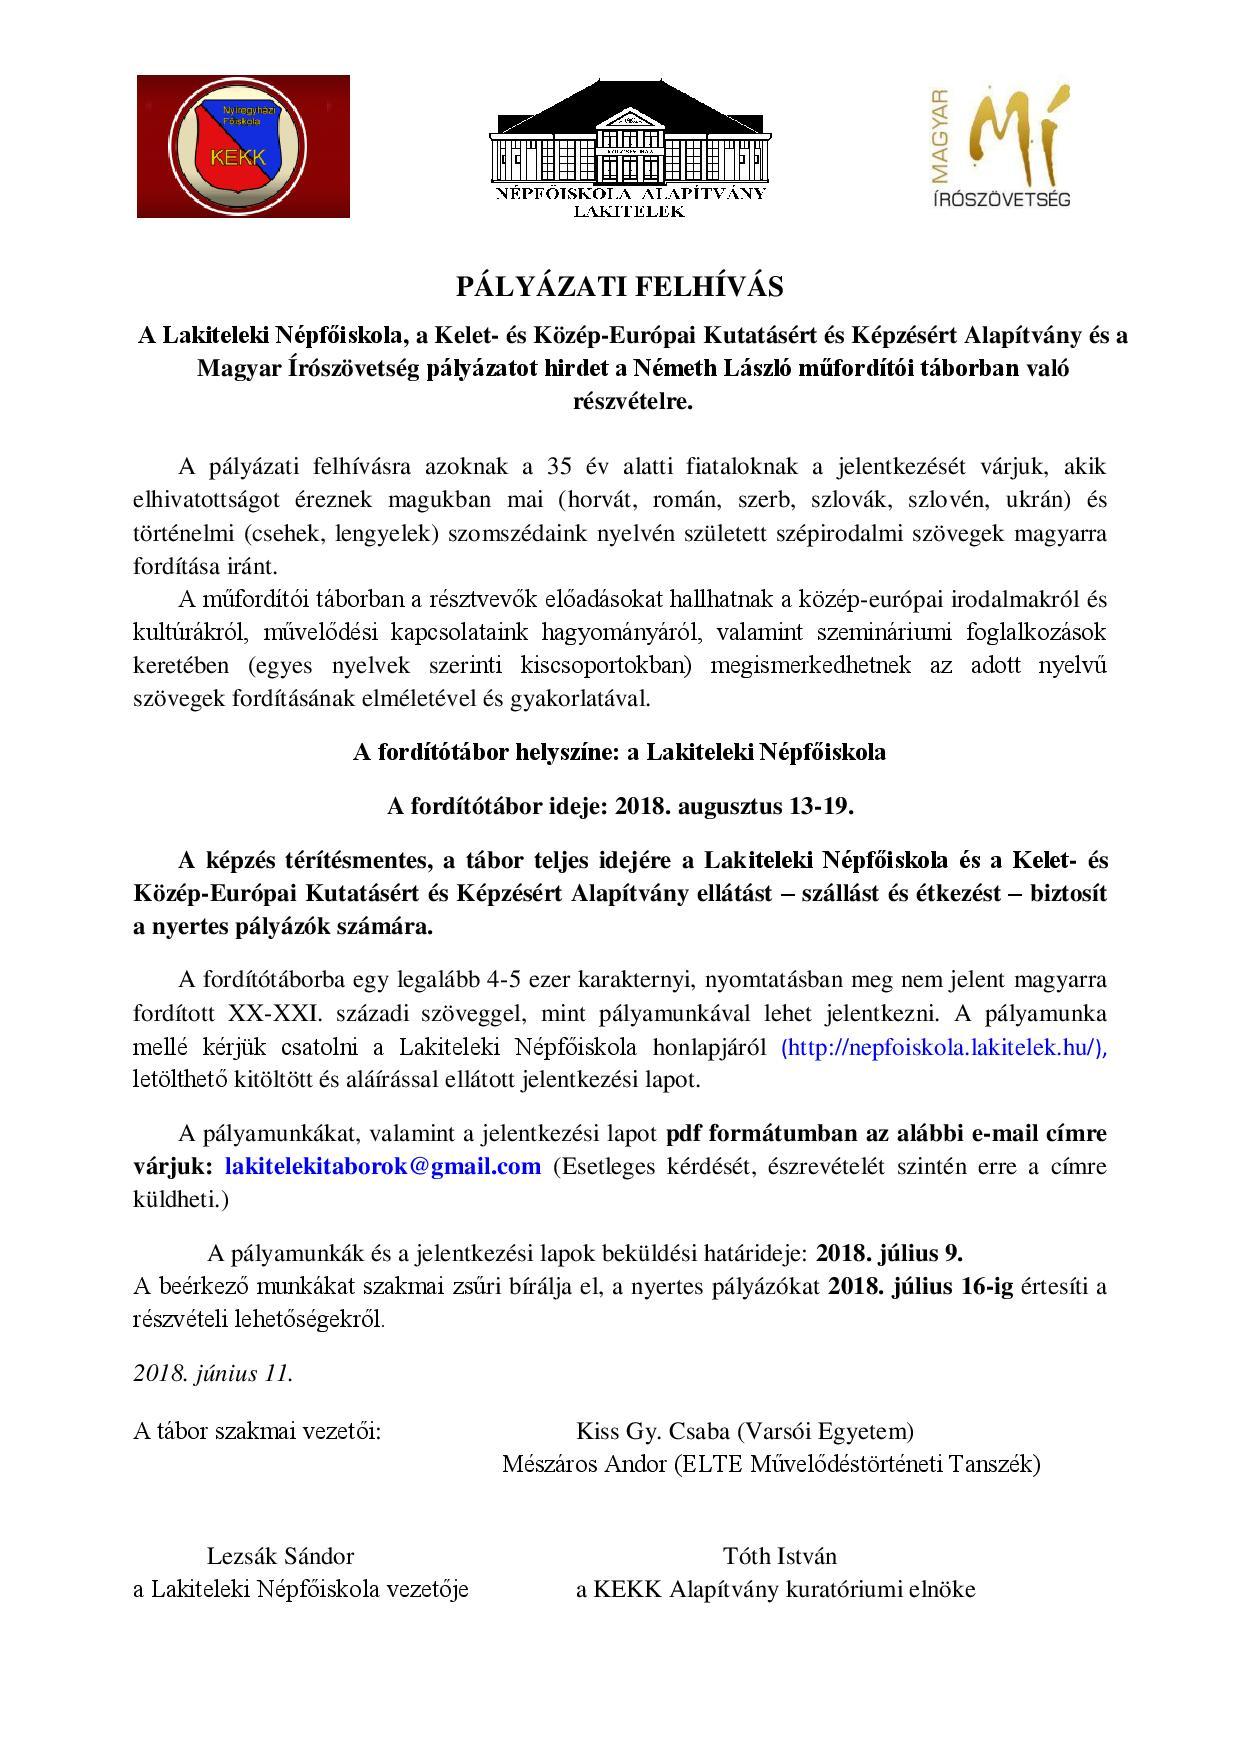 nemeth_laszlo_tabor_felhivas_2018-page-001.jpg